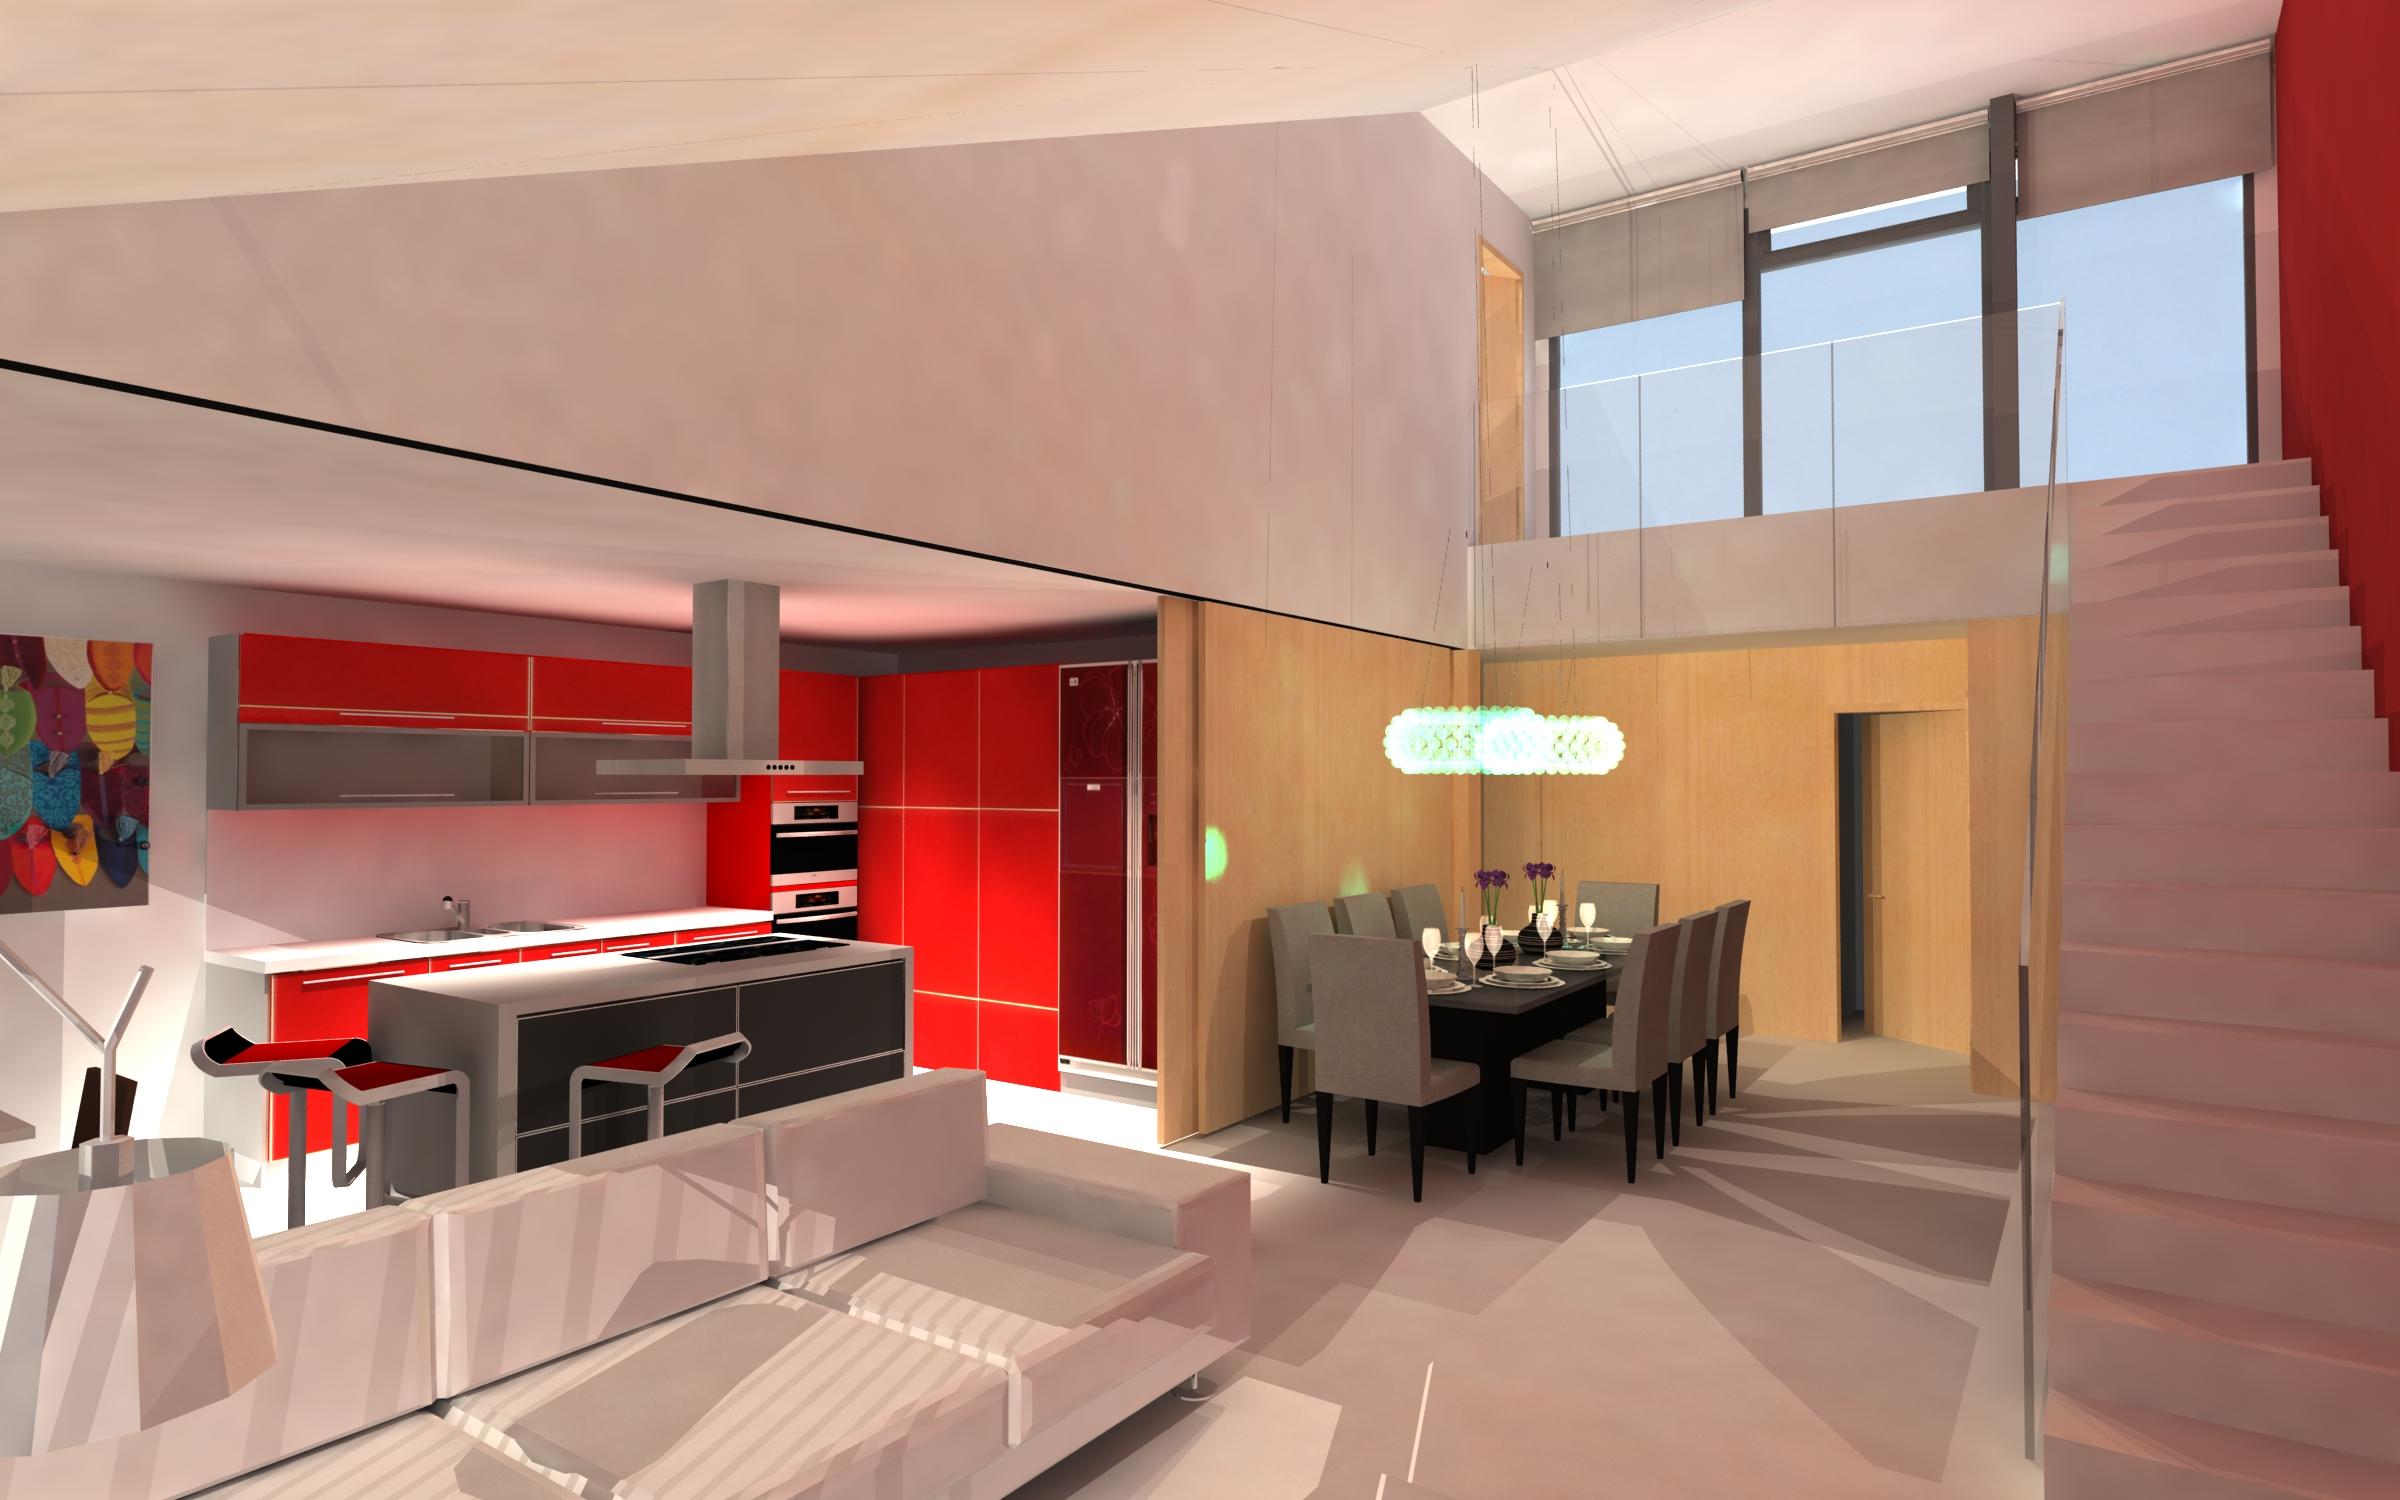 Proyecto de construcci n de vivienda unifamiliar entre - Proyectos casas unifamiliares ...